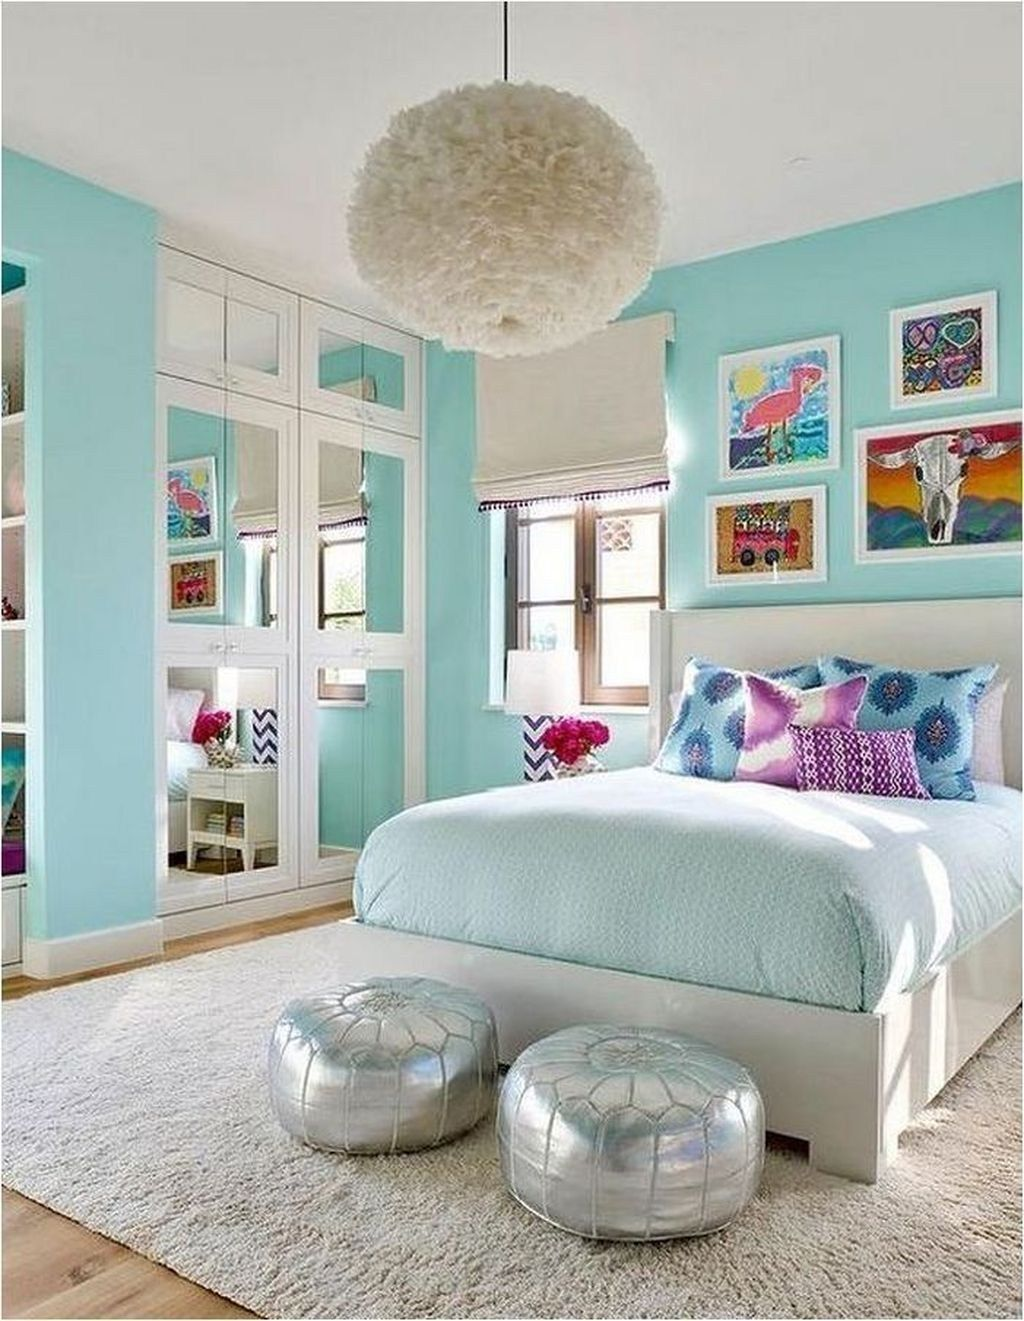 5 Lovely Girls Bedroom Ideas - Trendehouse  Girls blue bedroom